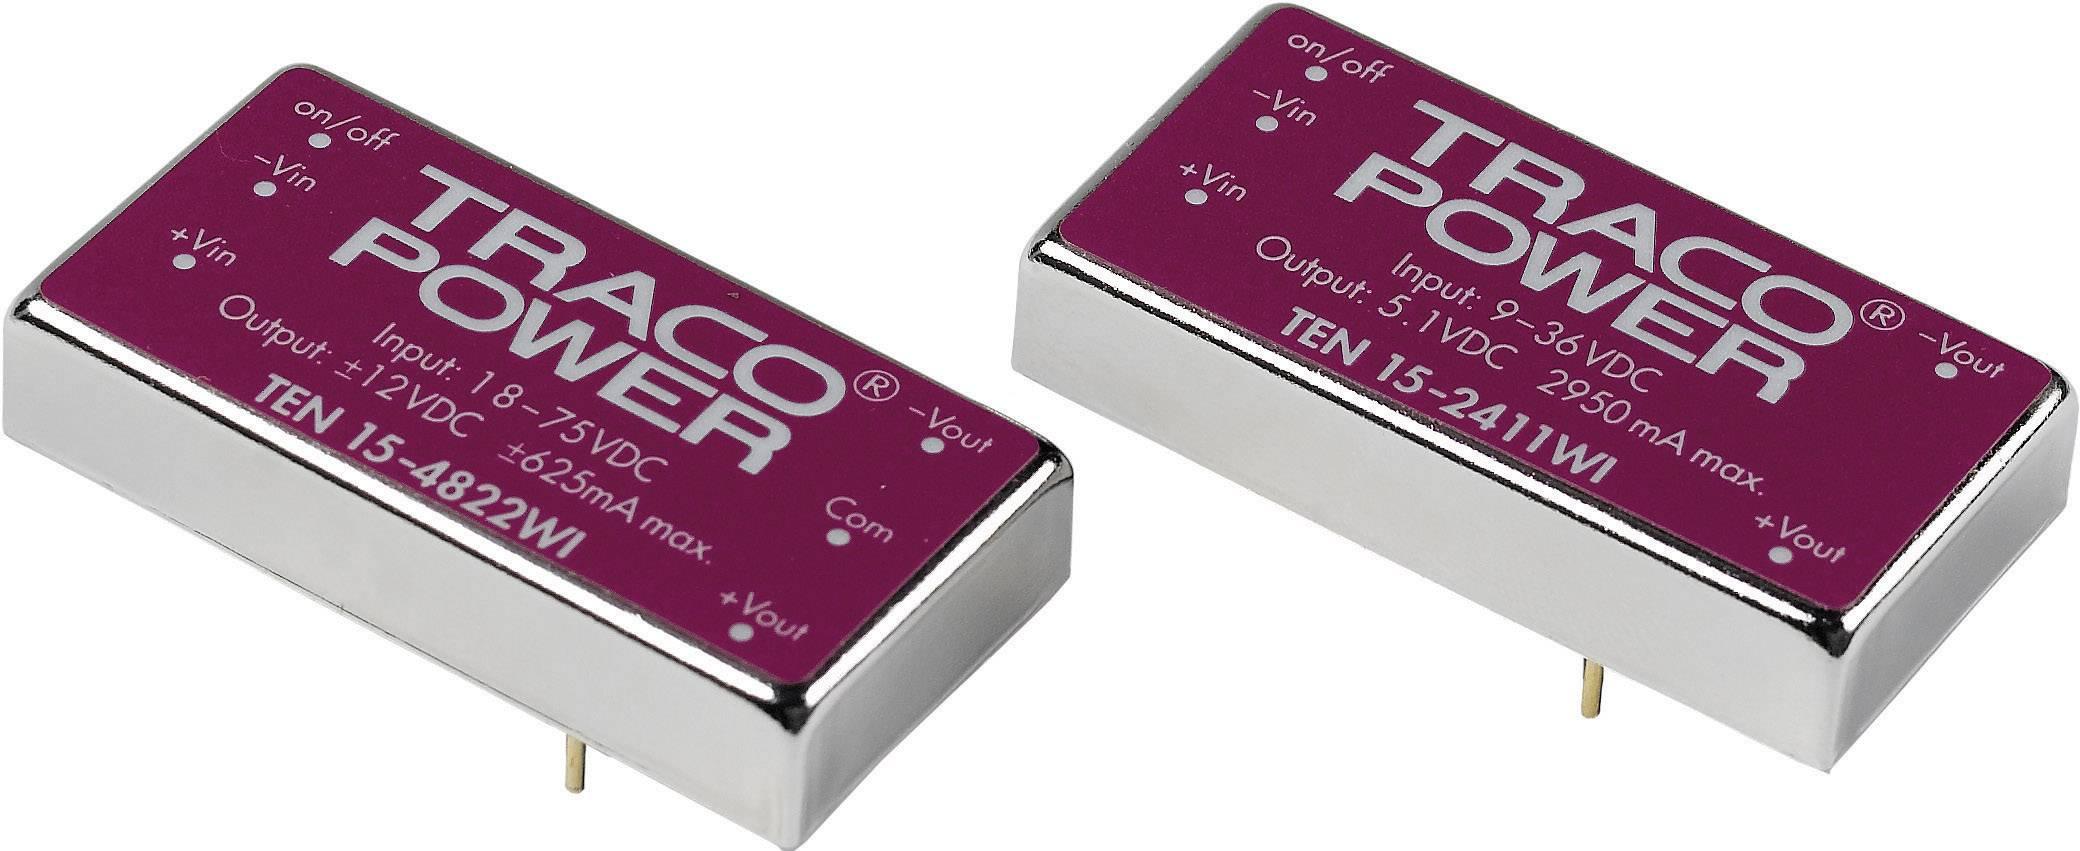 DC/DC měnič TracoPower TEN 15-2423WI, vstup 9 - 36 V/DC, výstup ±15 V/DC, ±500 mA, 15 W